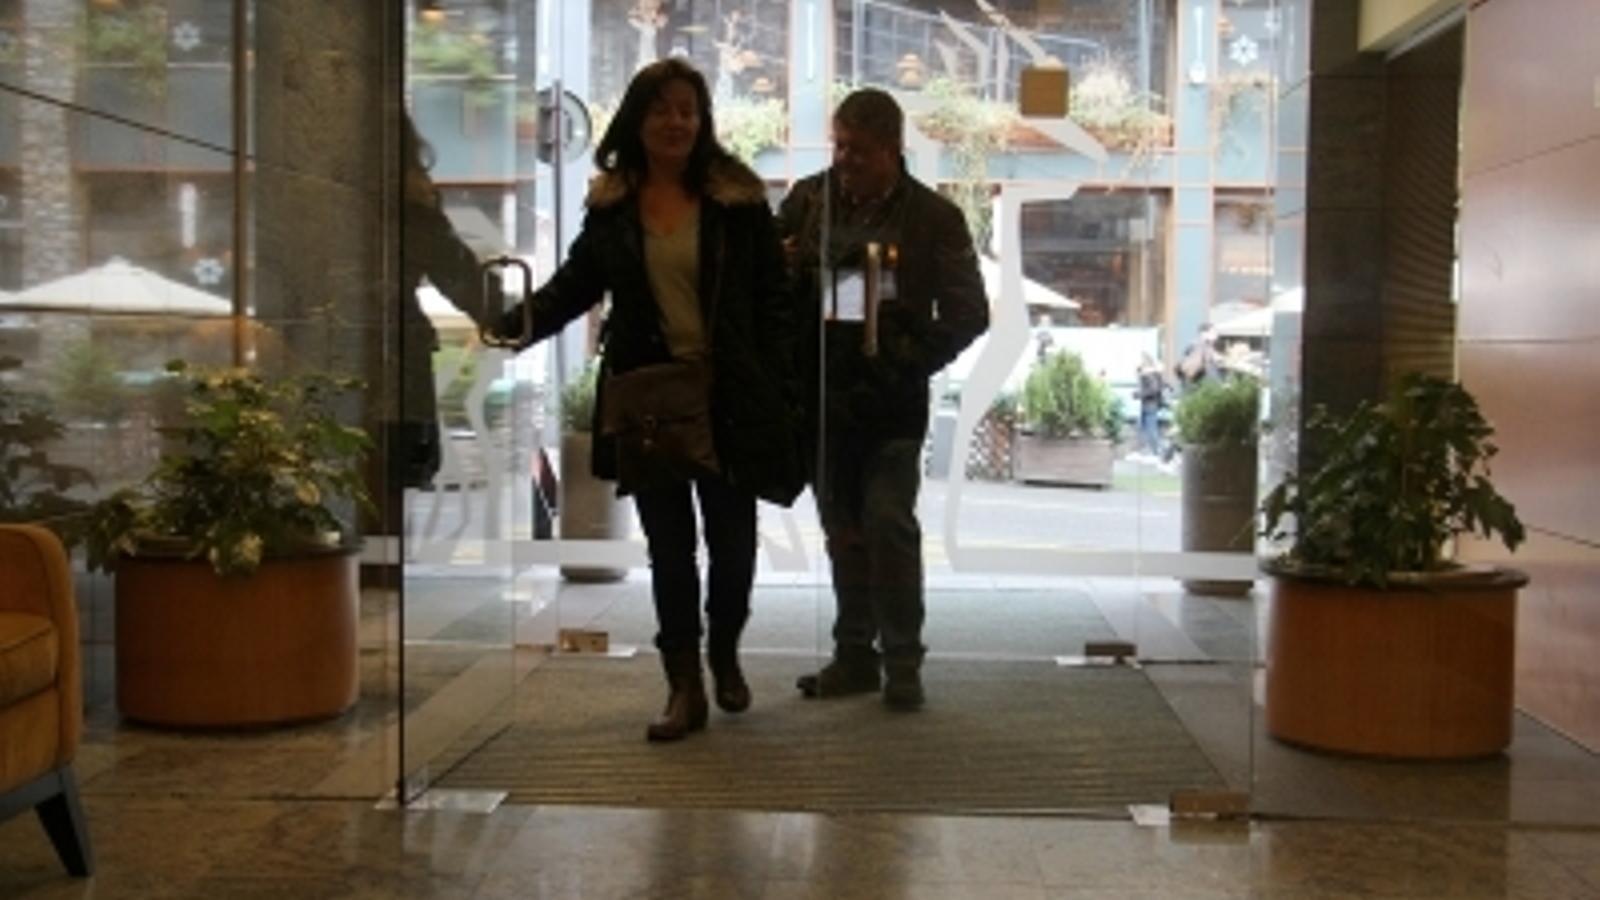 Turistes entrant en un hotel del país